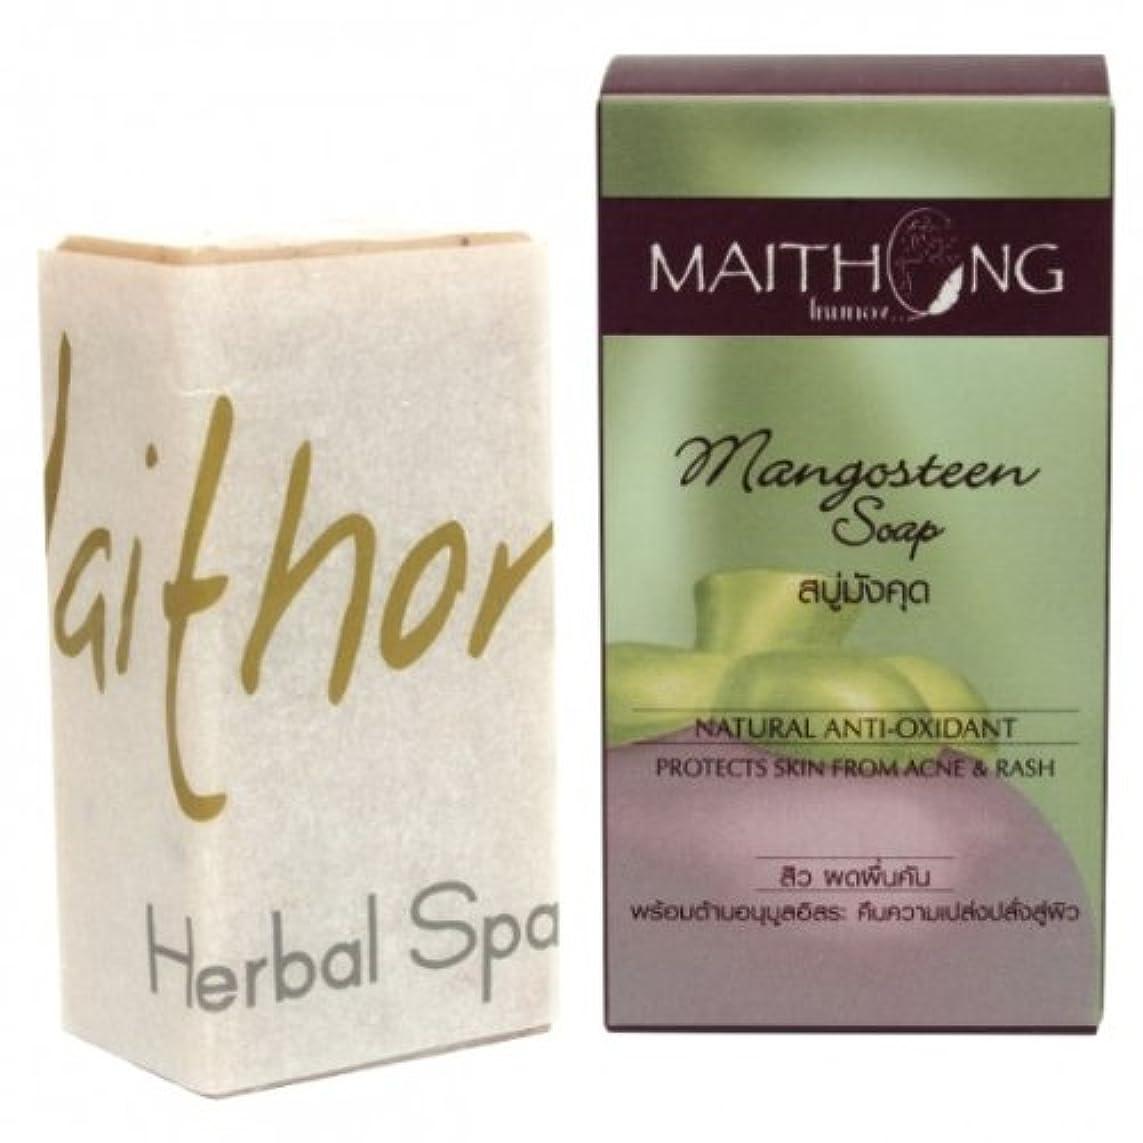 湿度創始者量滑らかで芳醇な香りが広がる マンゴスチン石鹸 お得な3個セット 老舗スキンケアブランドMaithong 天然ハーブたっぷり配合 海外直送